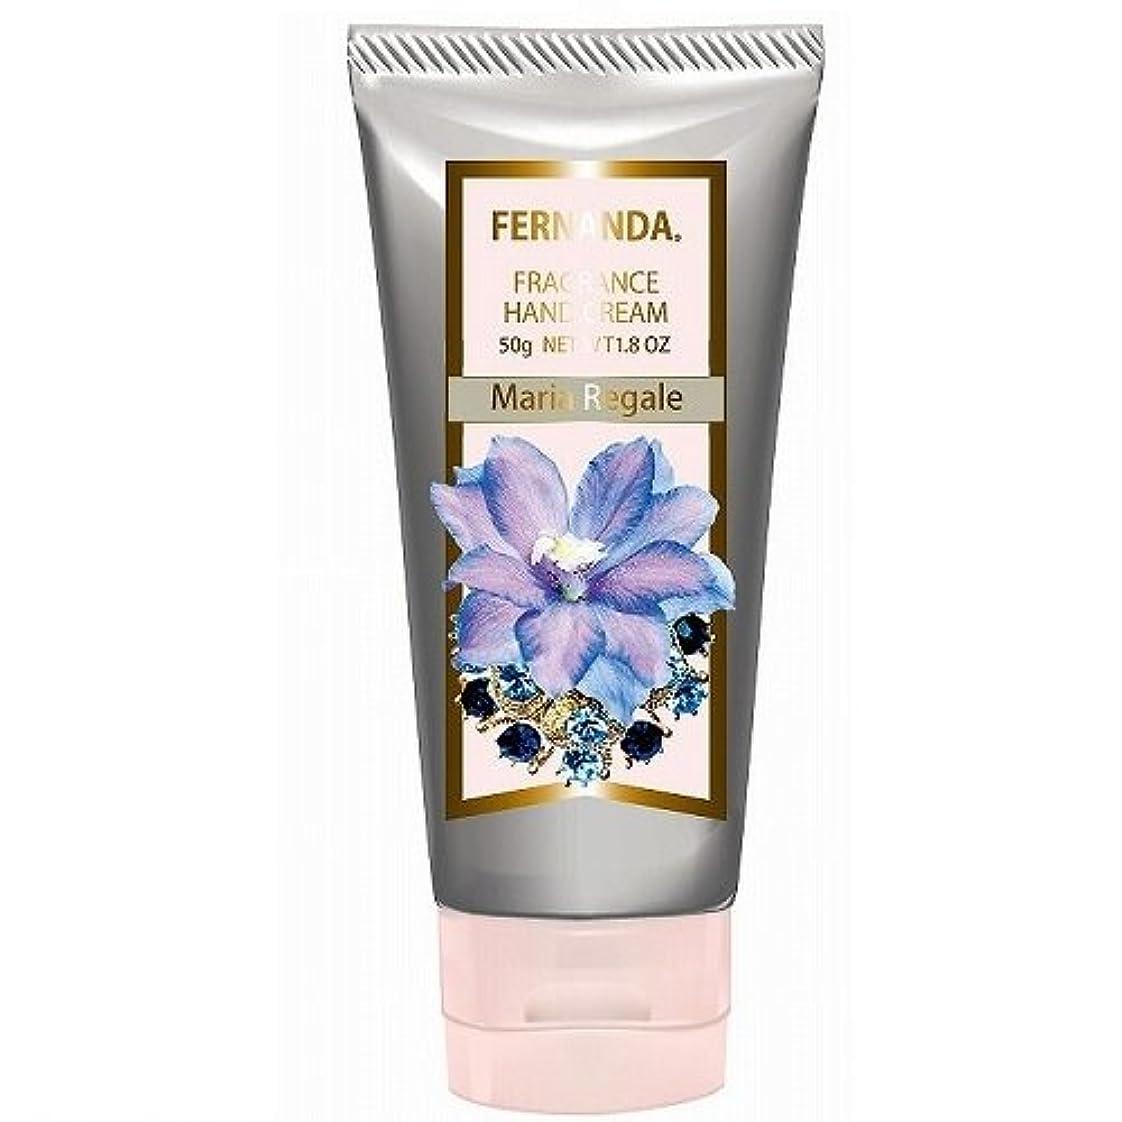 まあラテン懐疑論FERNANDA(フェルナンダ) Hand Cream Maria Regale (ハンド クリーム マリアリゲル)